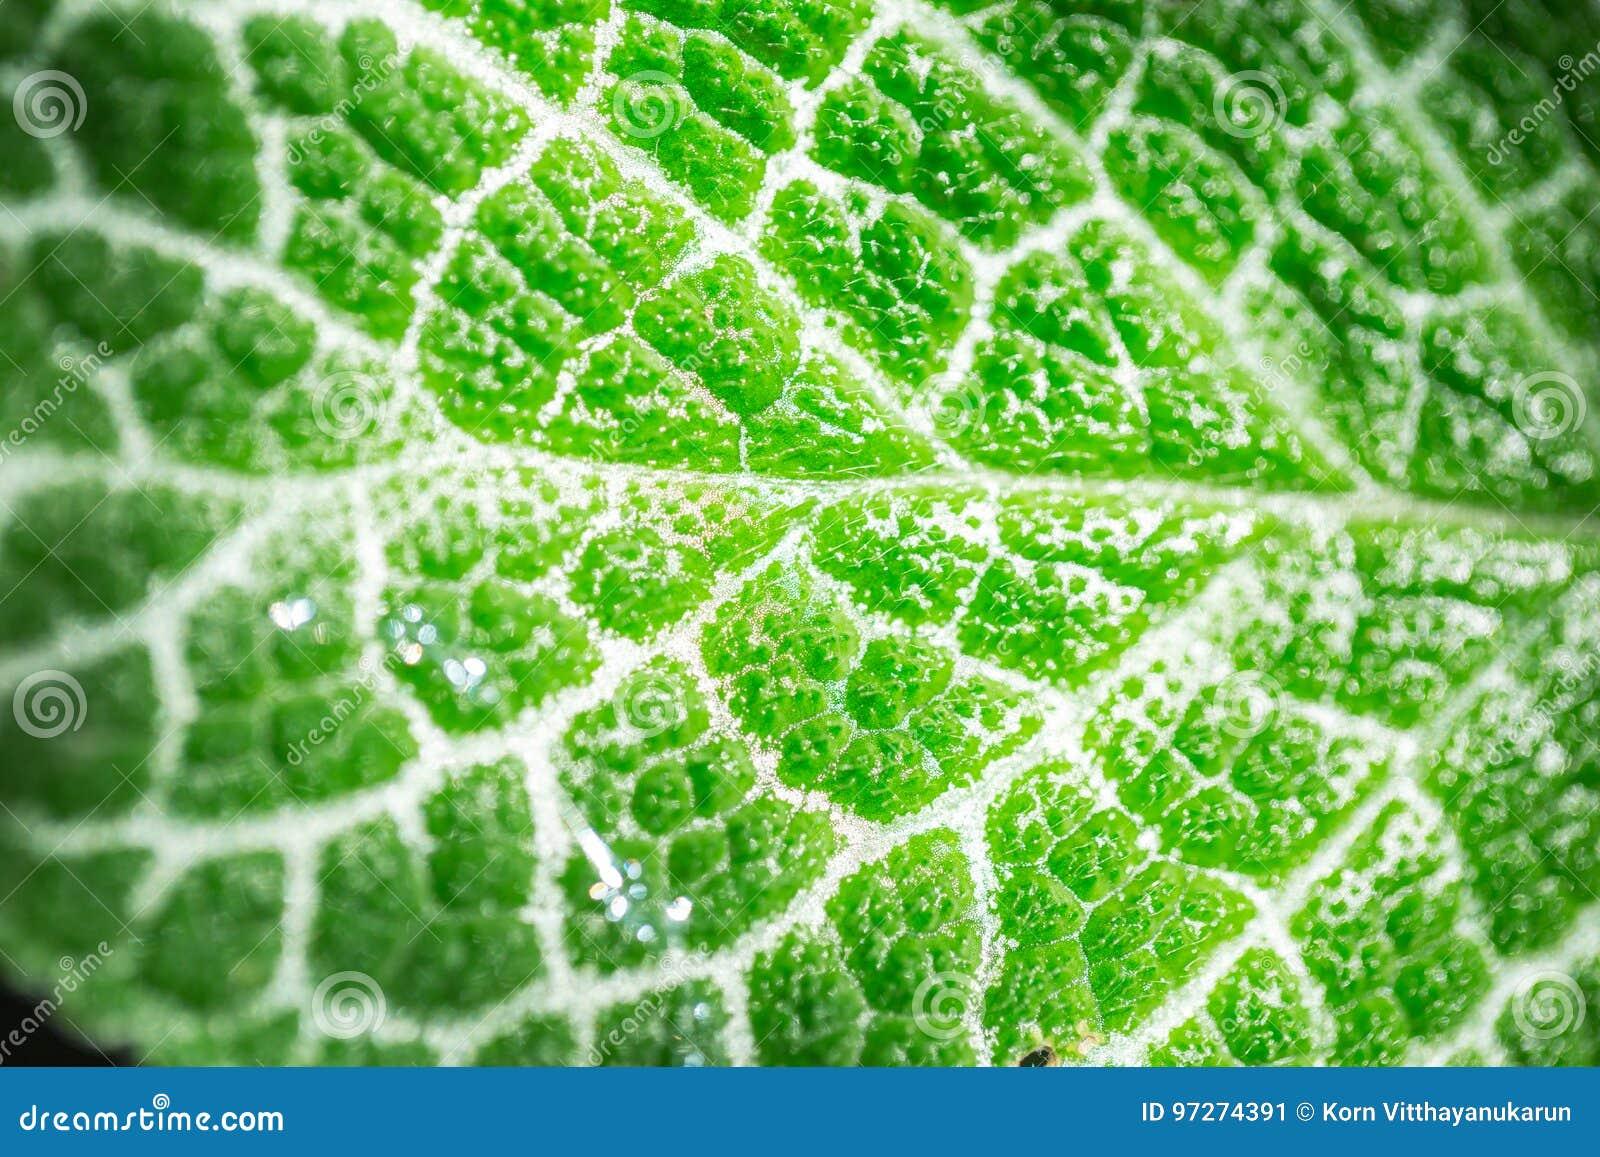 Επιστήμη της οικολογίας Πράσινη χλωροφύλλη σύστασης φύλλων κινηματογραφήσεων σε πρώτο πλάνο και διαδικασία της φωτοσύνθεσης